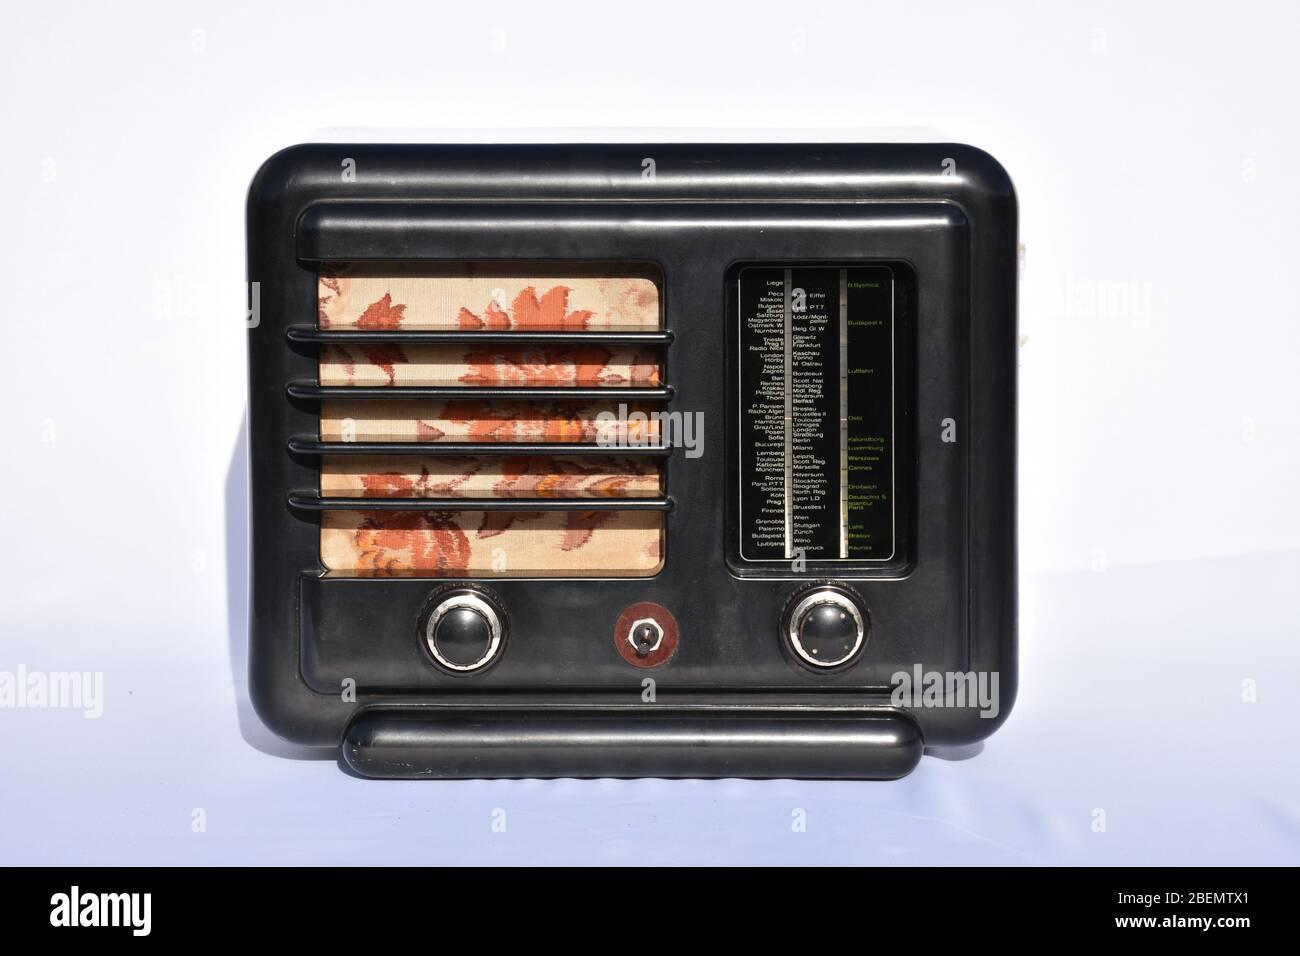 Radio, Rundfunk, Museum, Eumig, 1937, 1938, 329W, Eumig 329W, Zwischenkriegszeit, Vorkriegszeit, Skala, Senderskala, Mittelwelle, Langwelle, Rundfunke Stock Photo